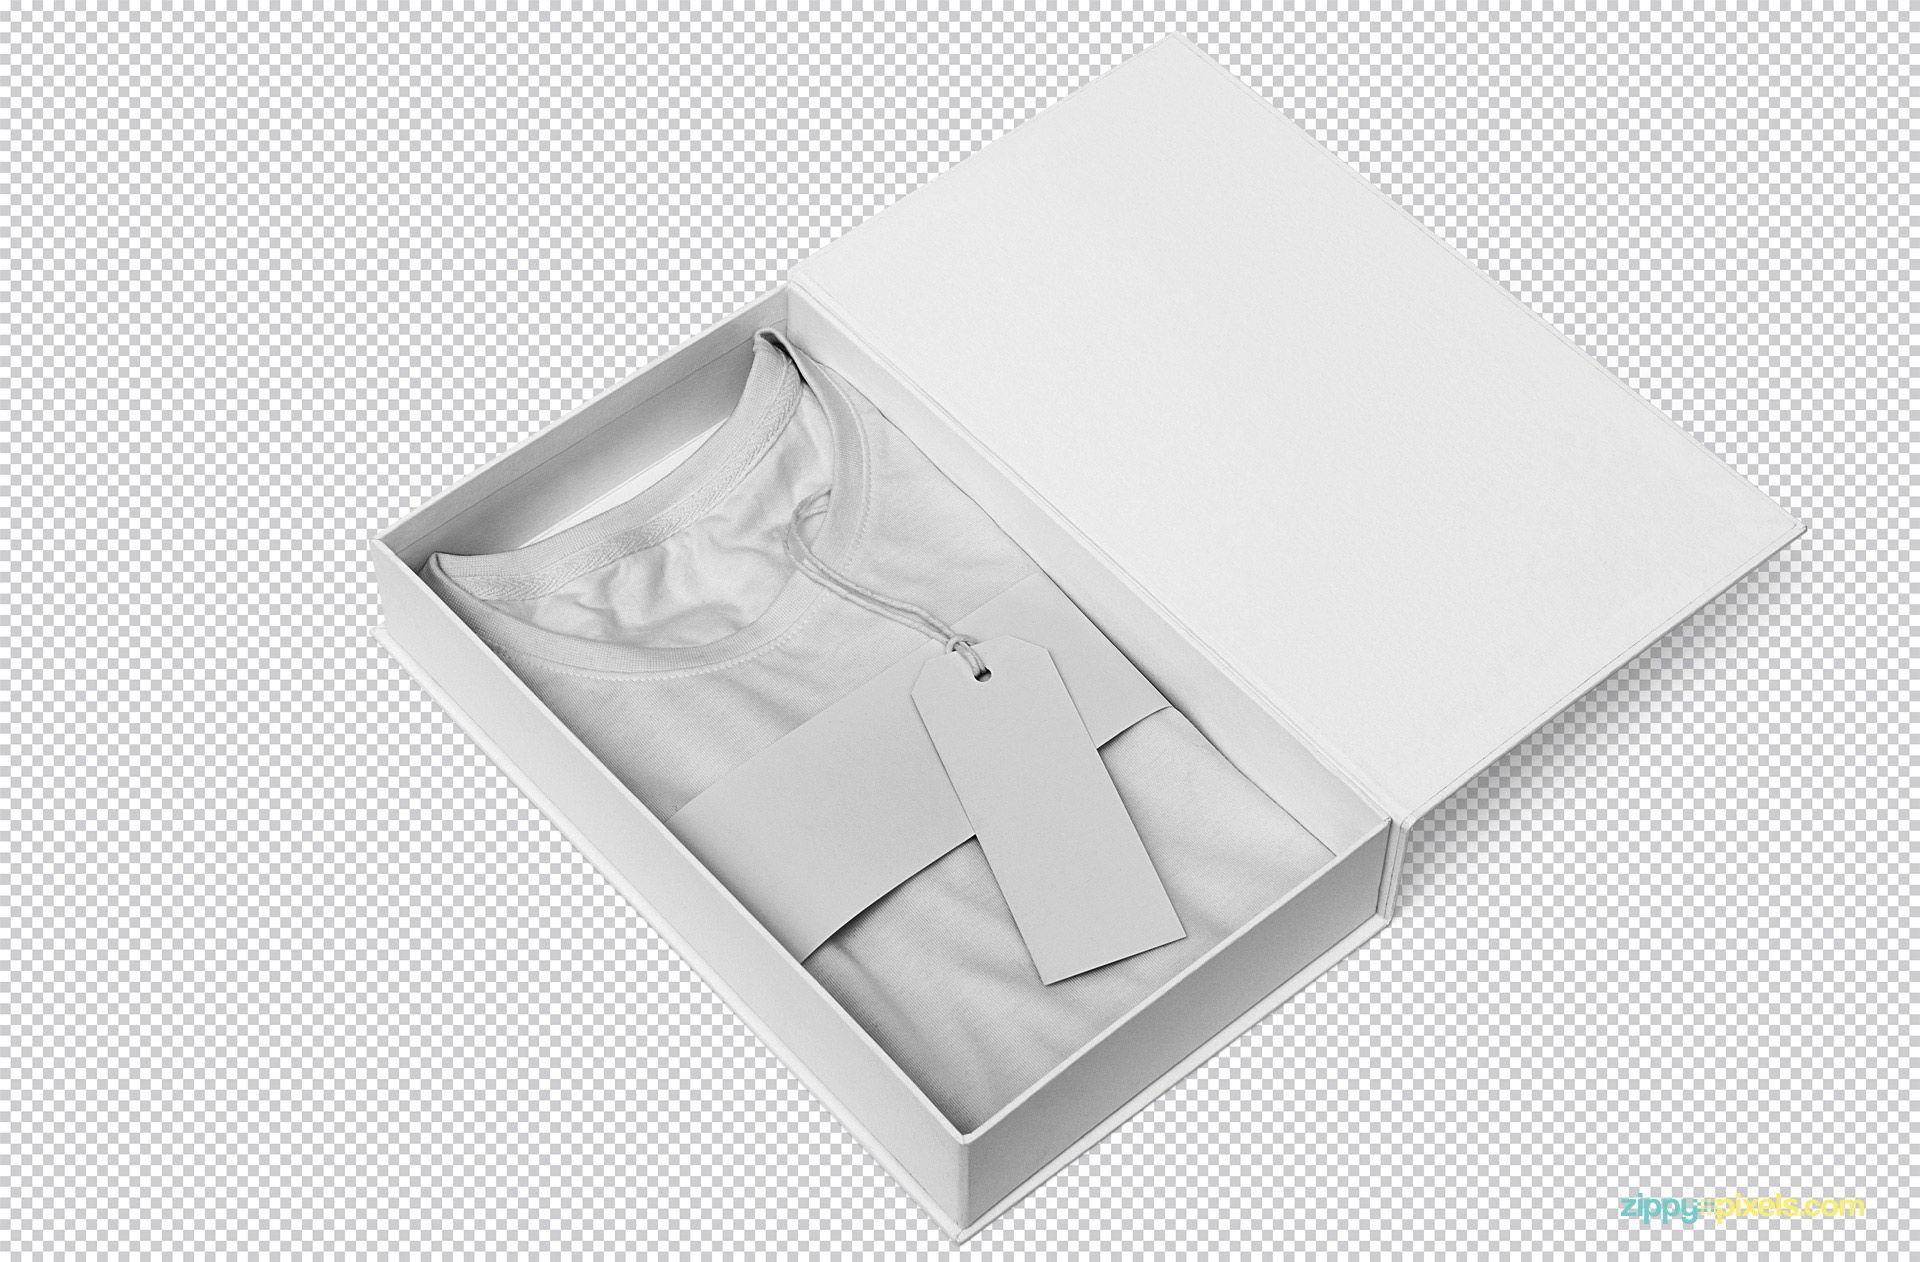 Download Free Stunning Tee Shirt Mockup Zippypixels Clothing Mockup Clothing Labels Hang Tags Clothing